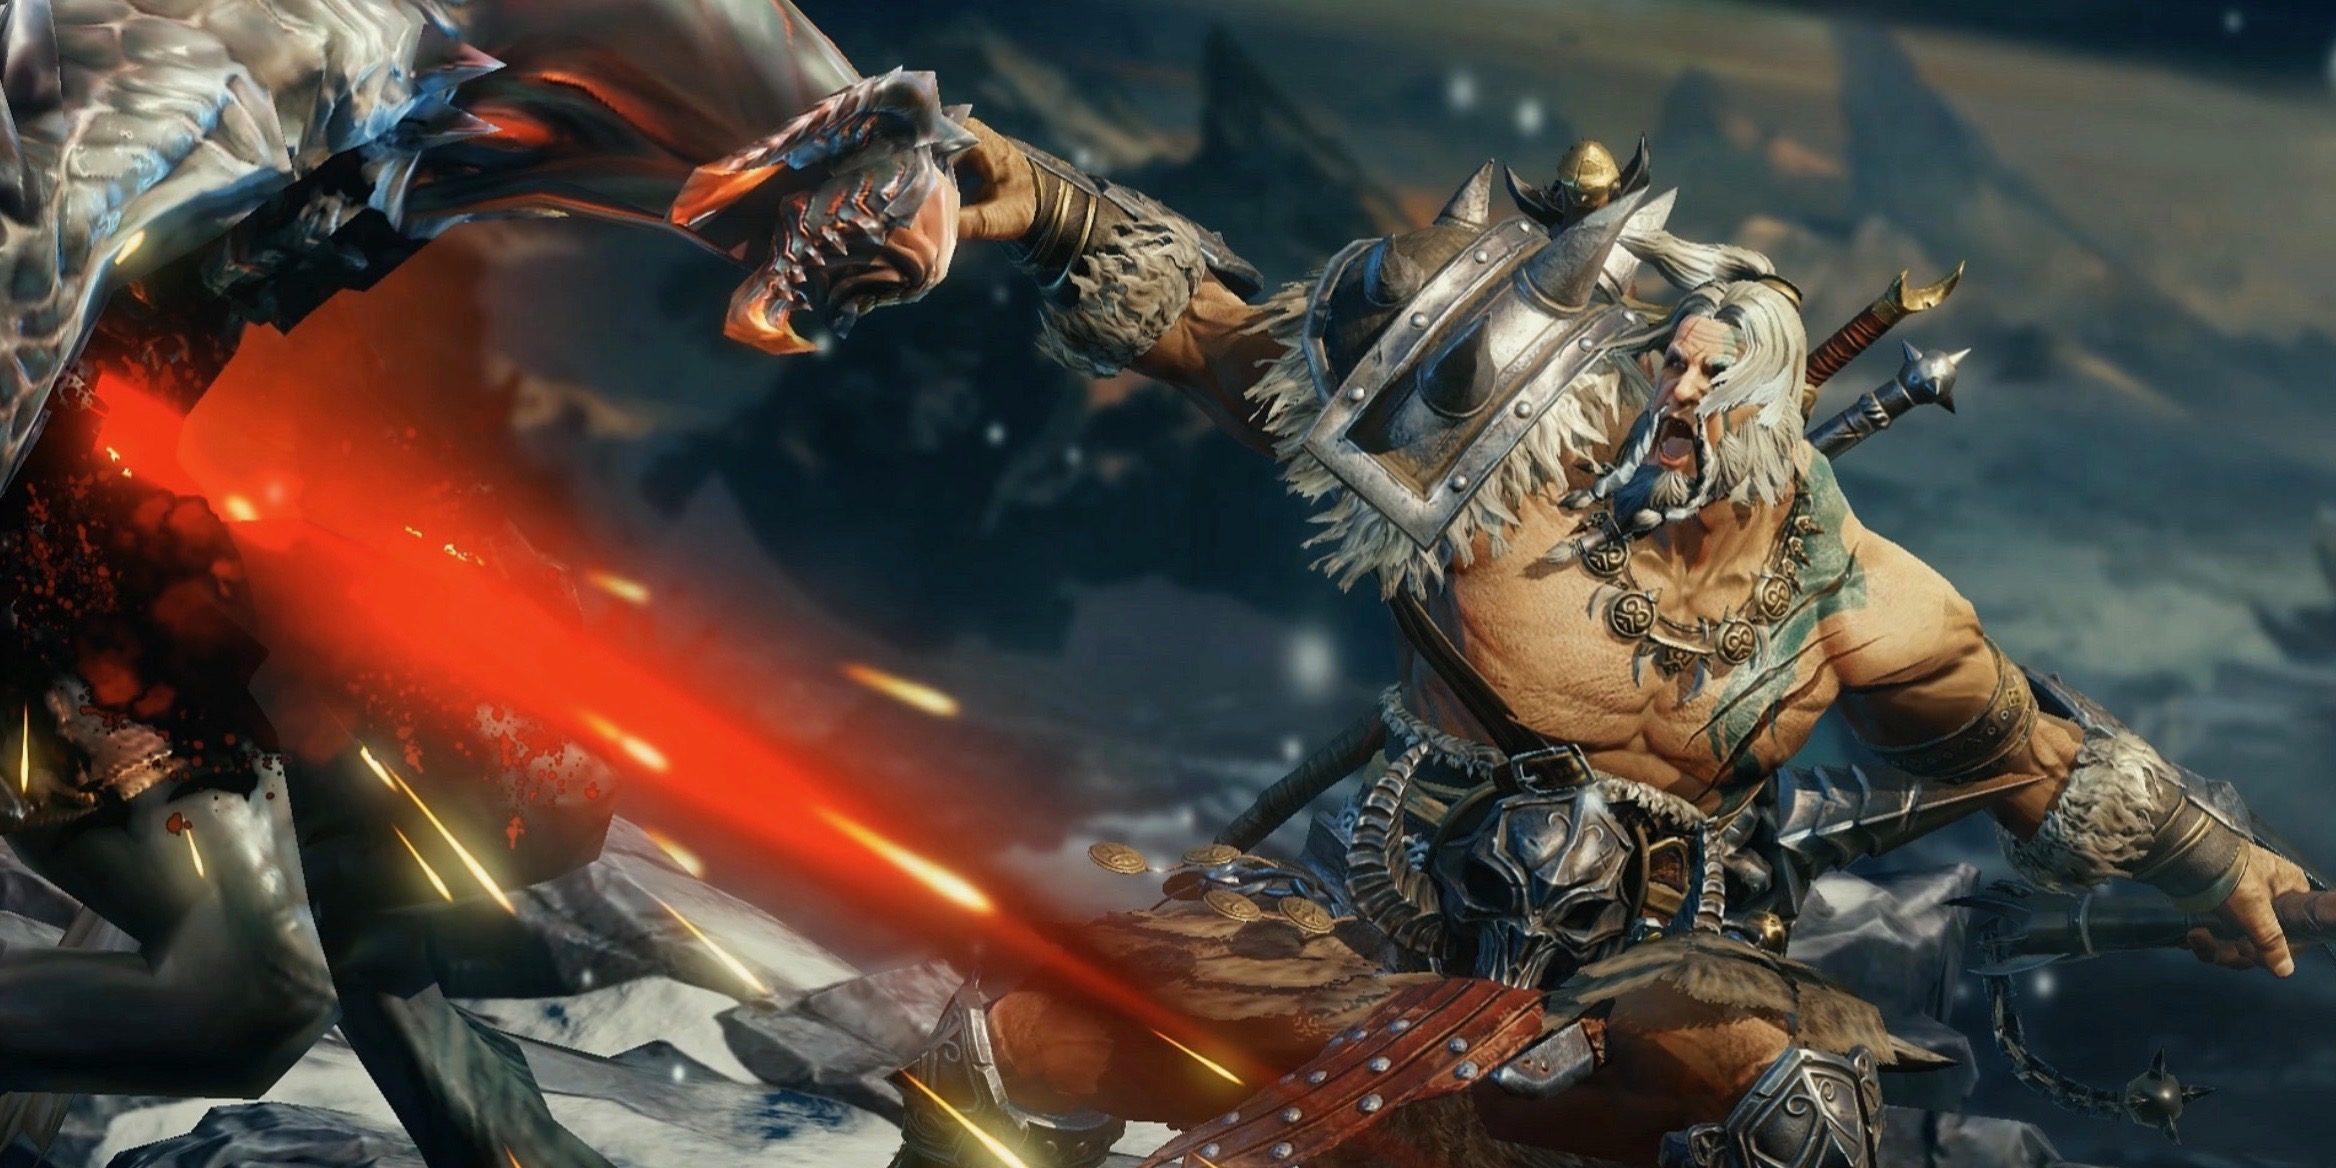 Diablo kommer til iPhone og Android - blir flerspiller-RPG!